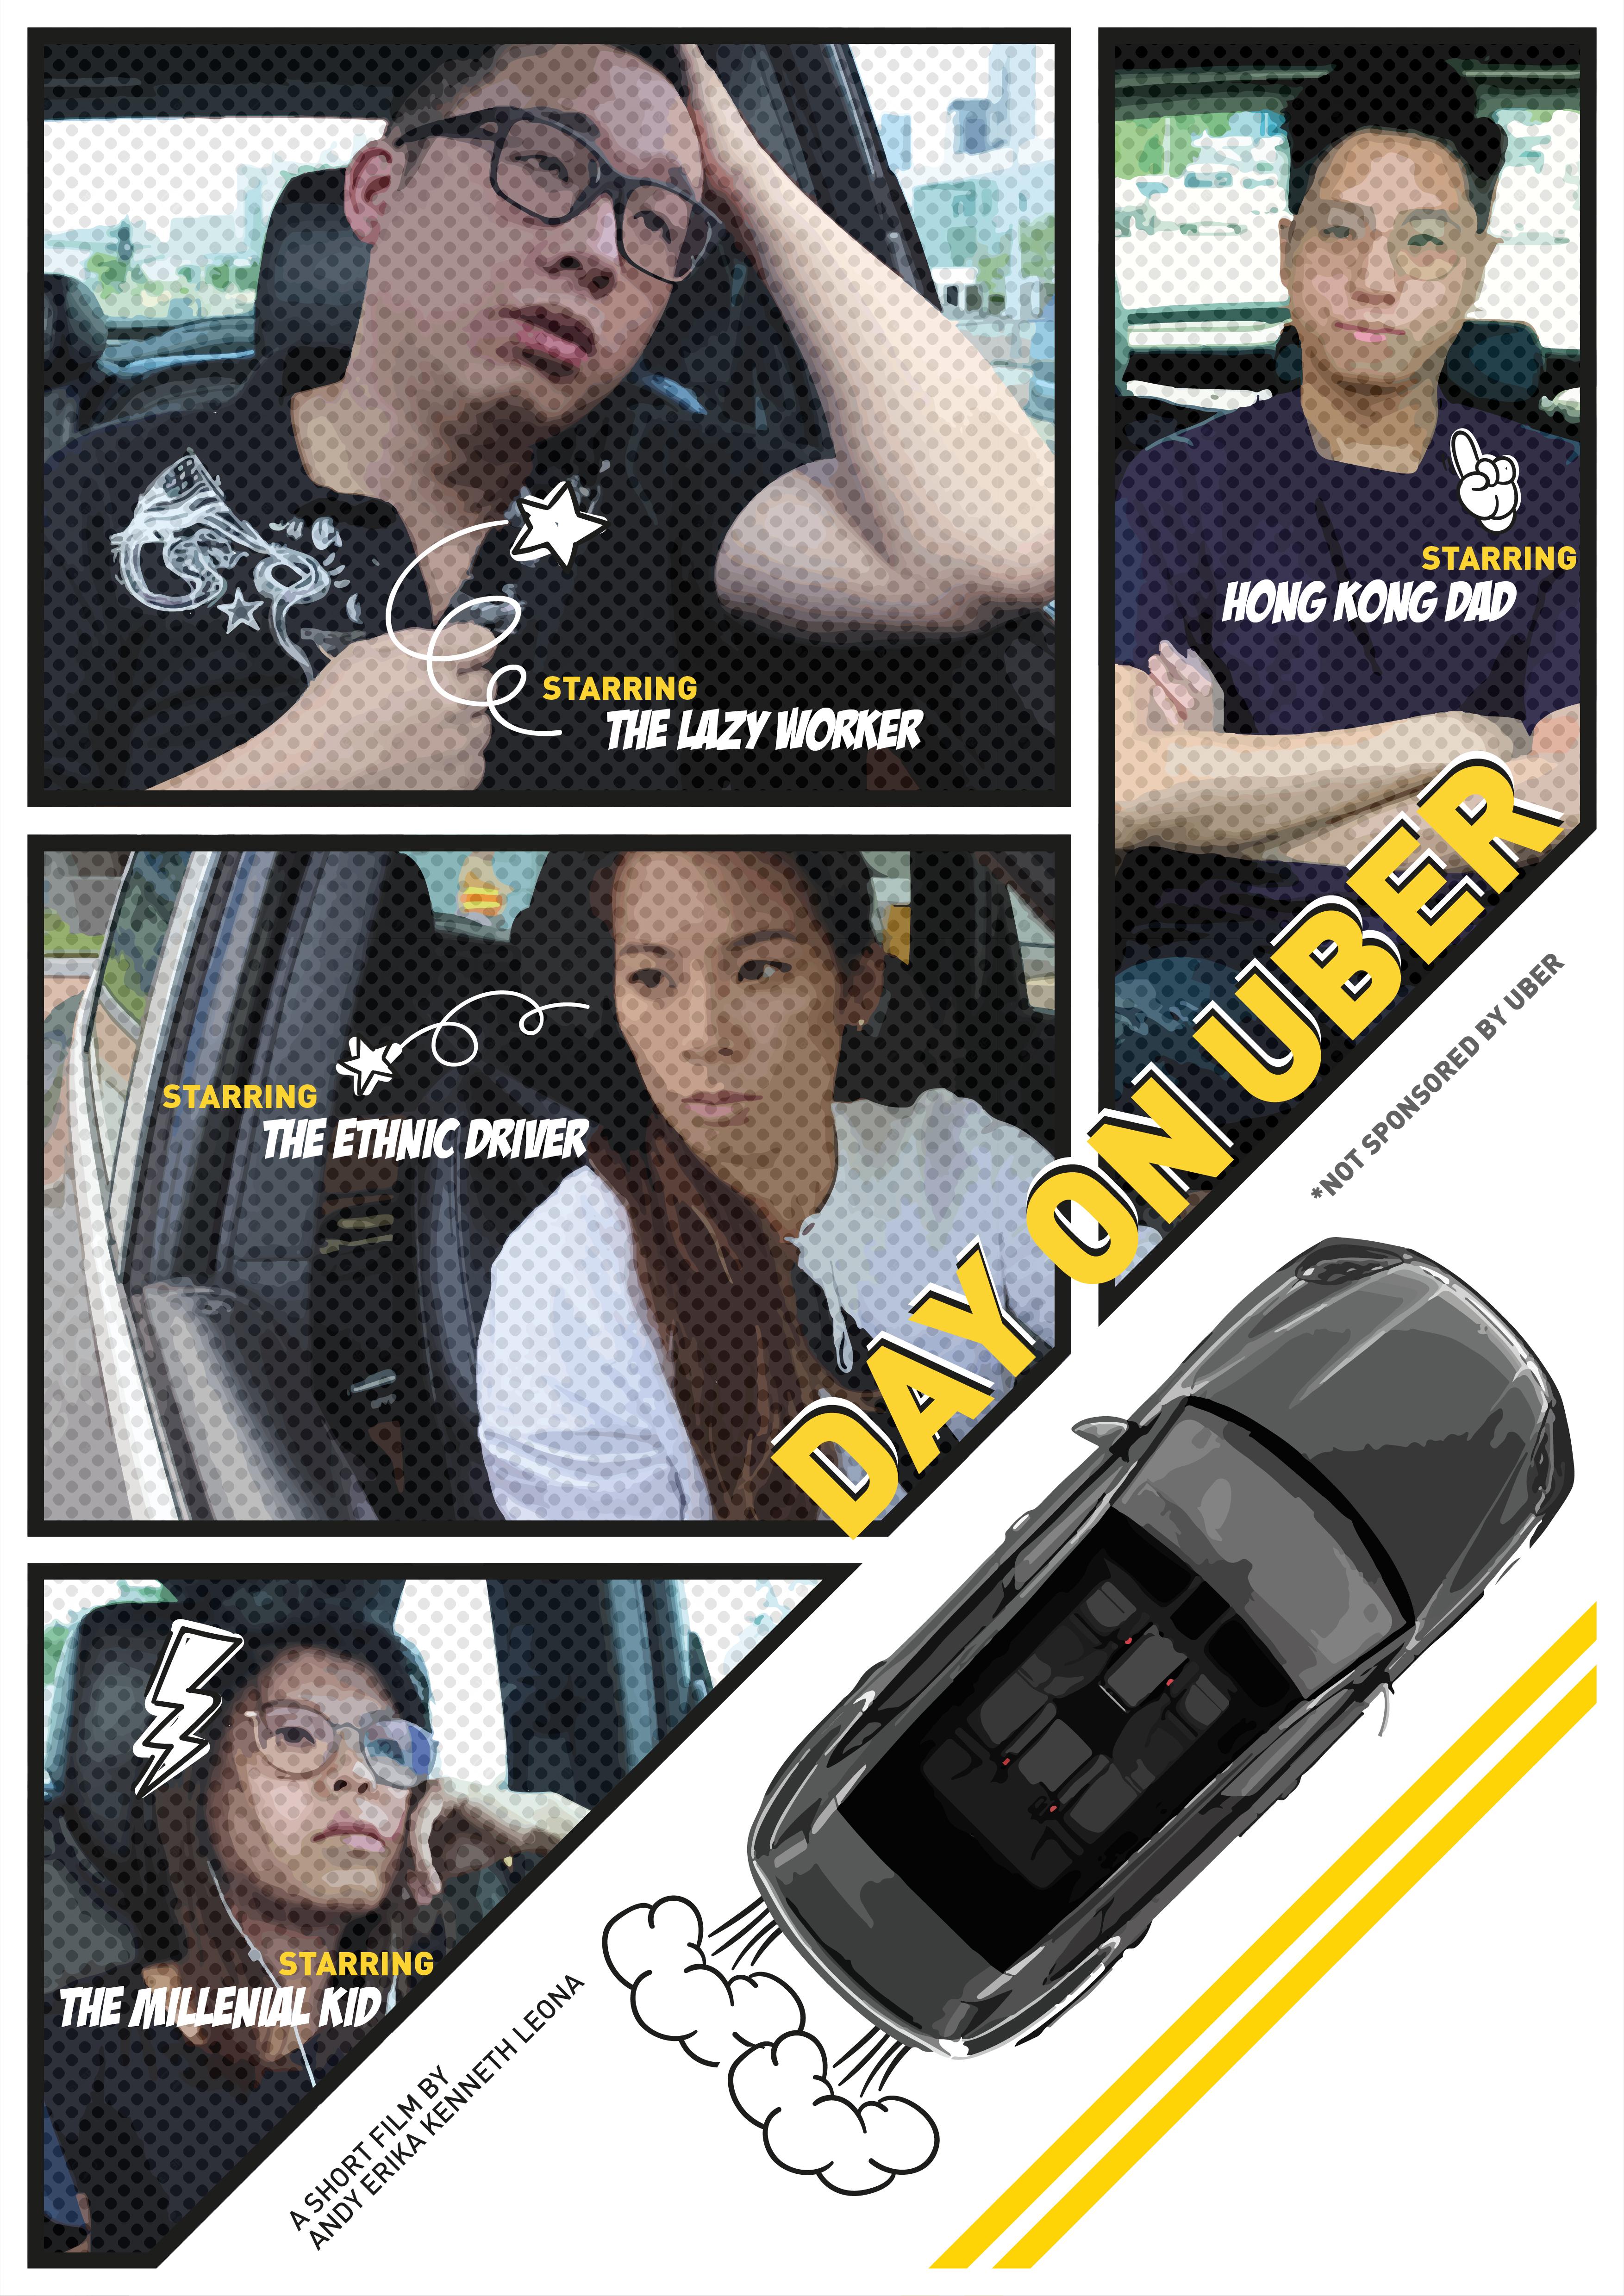 'Day On Uber' by Chak Leona Ka Yan; Fung Tsz Yan; Lam Yun Him; Yip Tsun Yin, 2019.